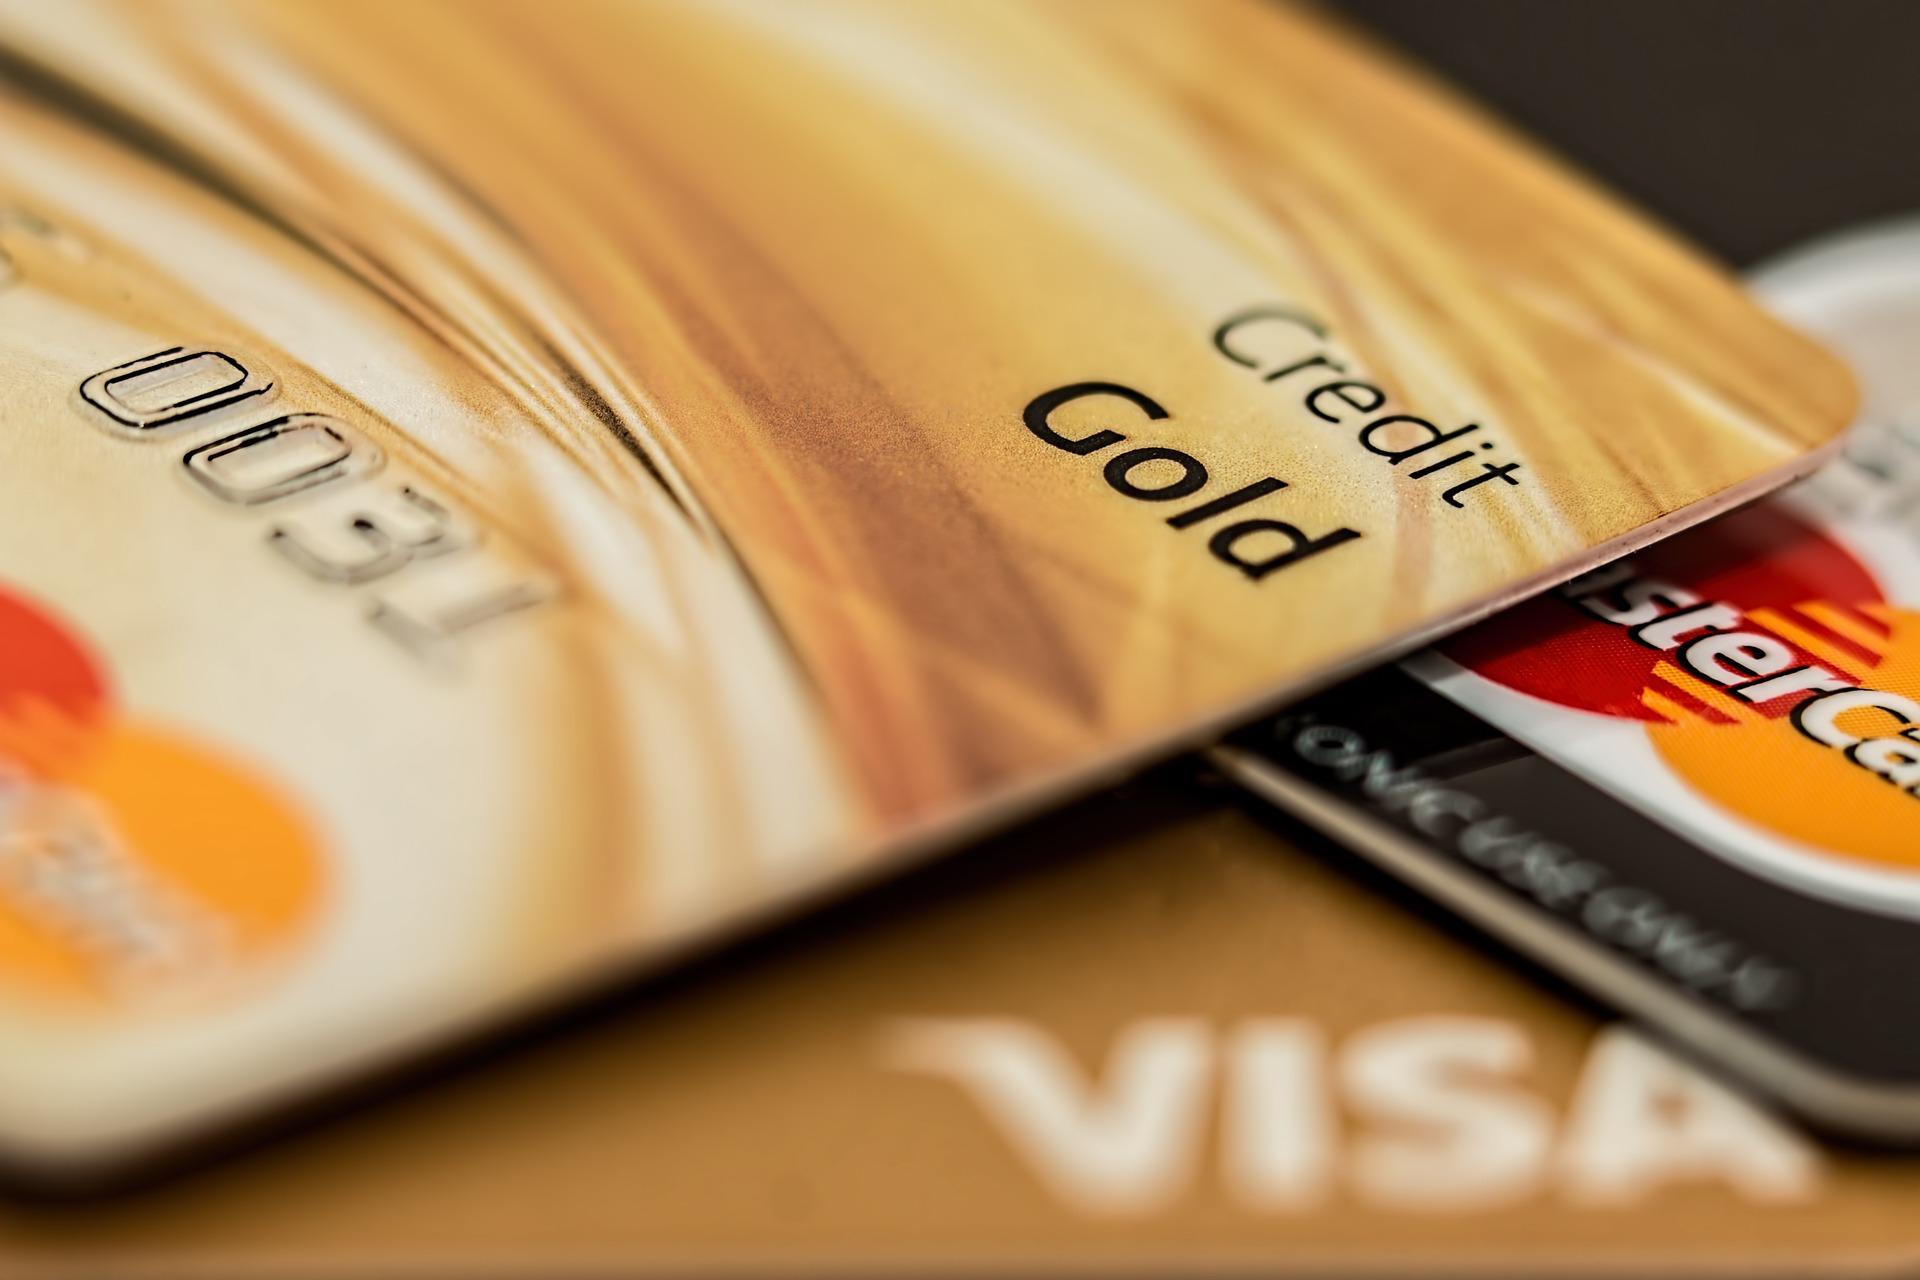 Co piąty przedsiębiorca nie dostaje kredytu